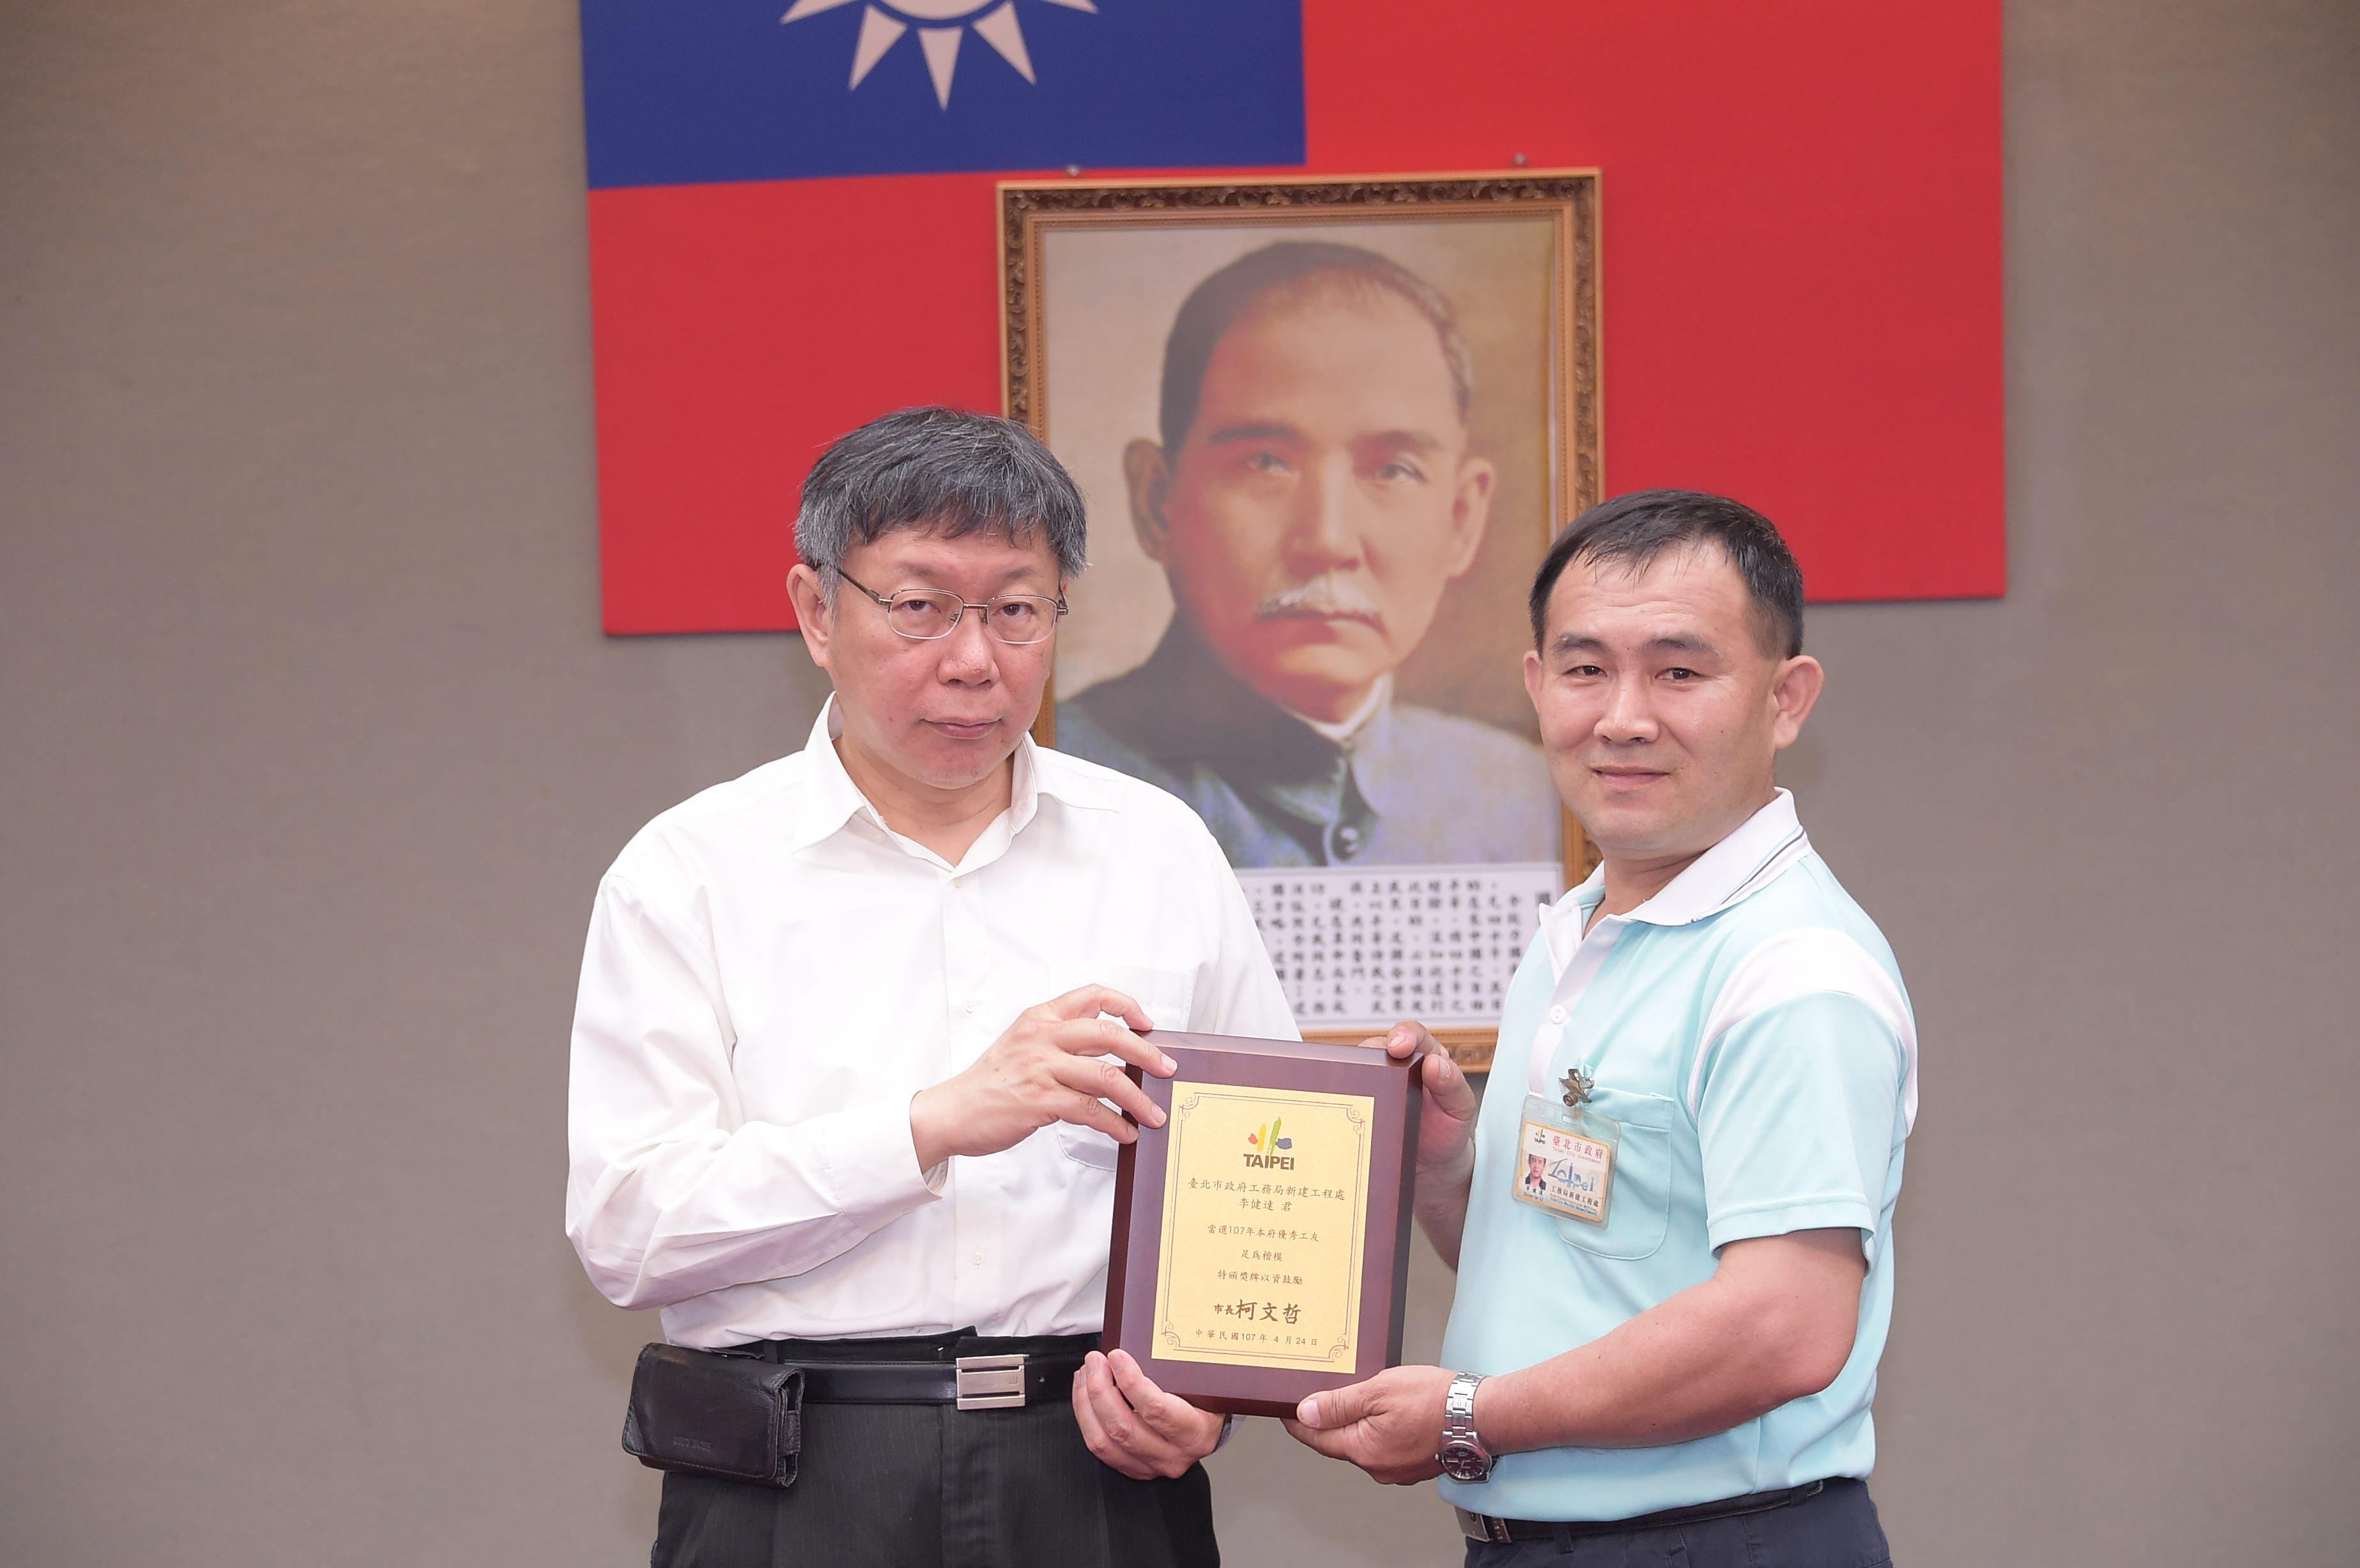 107年優秀工友頒獎照片-李健達